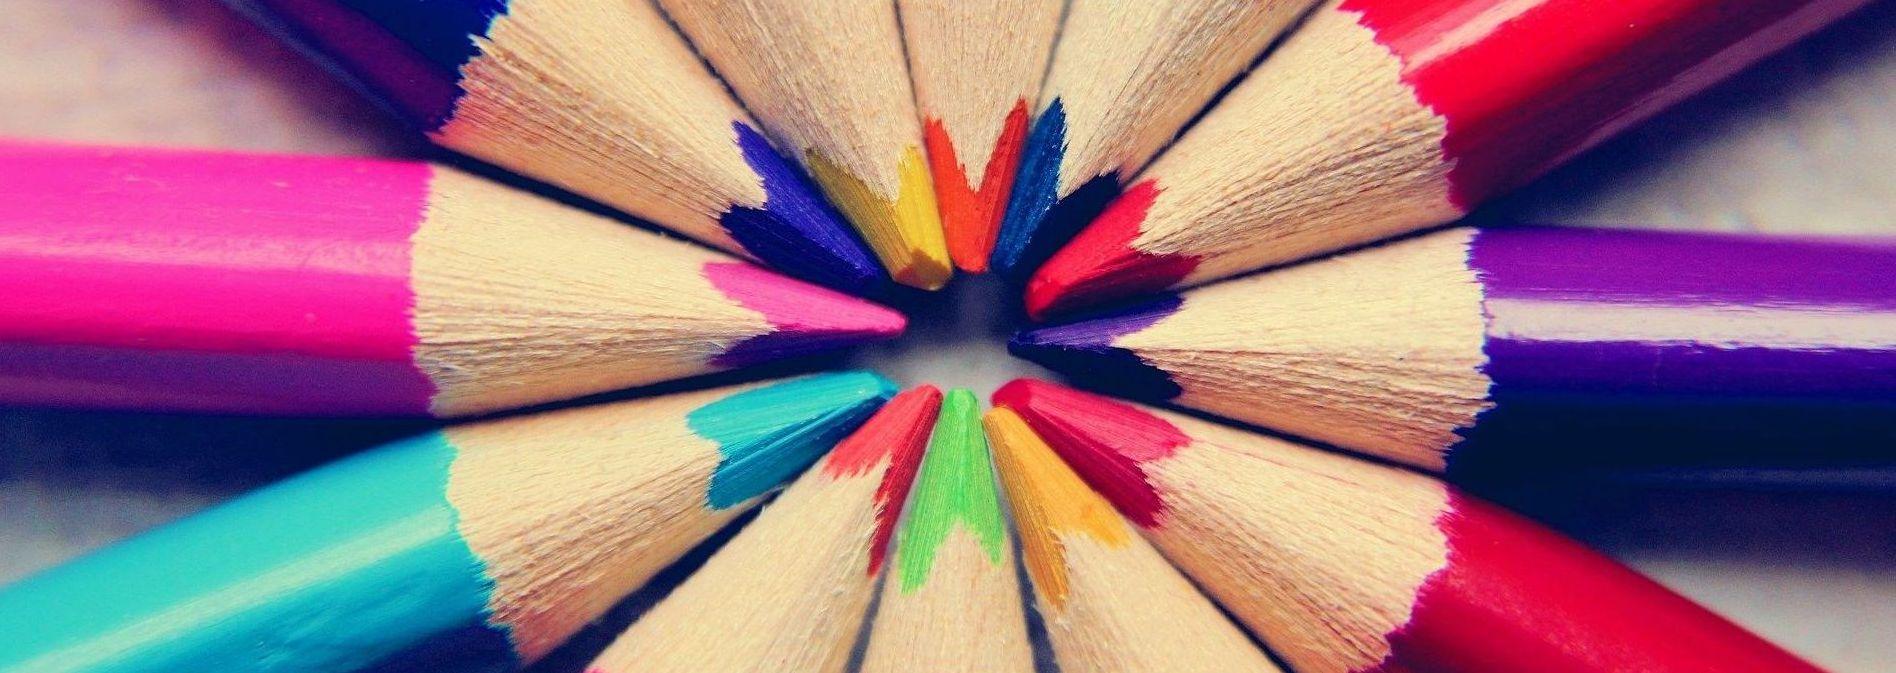 Buntstifte im Kreis bilden eine Gemeinschaft